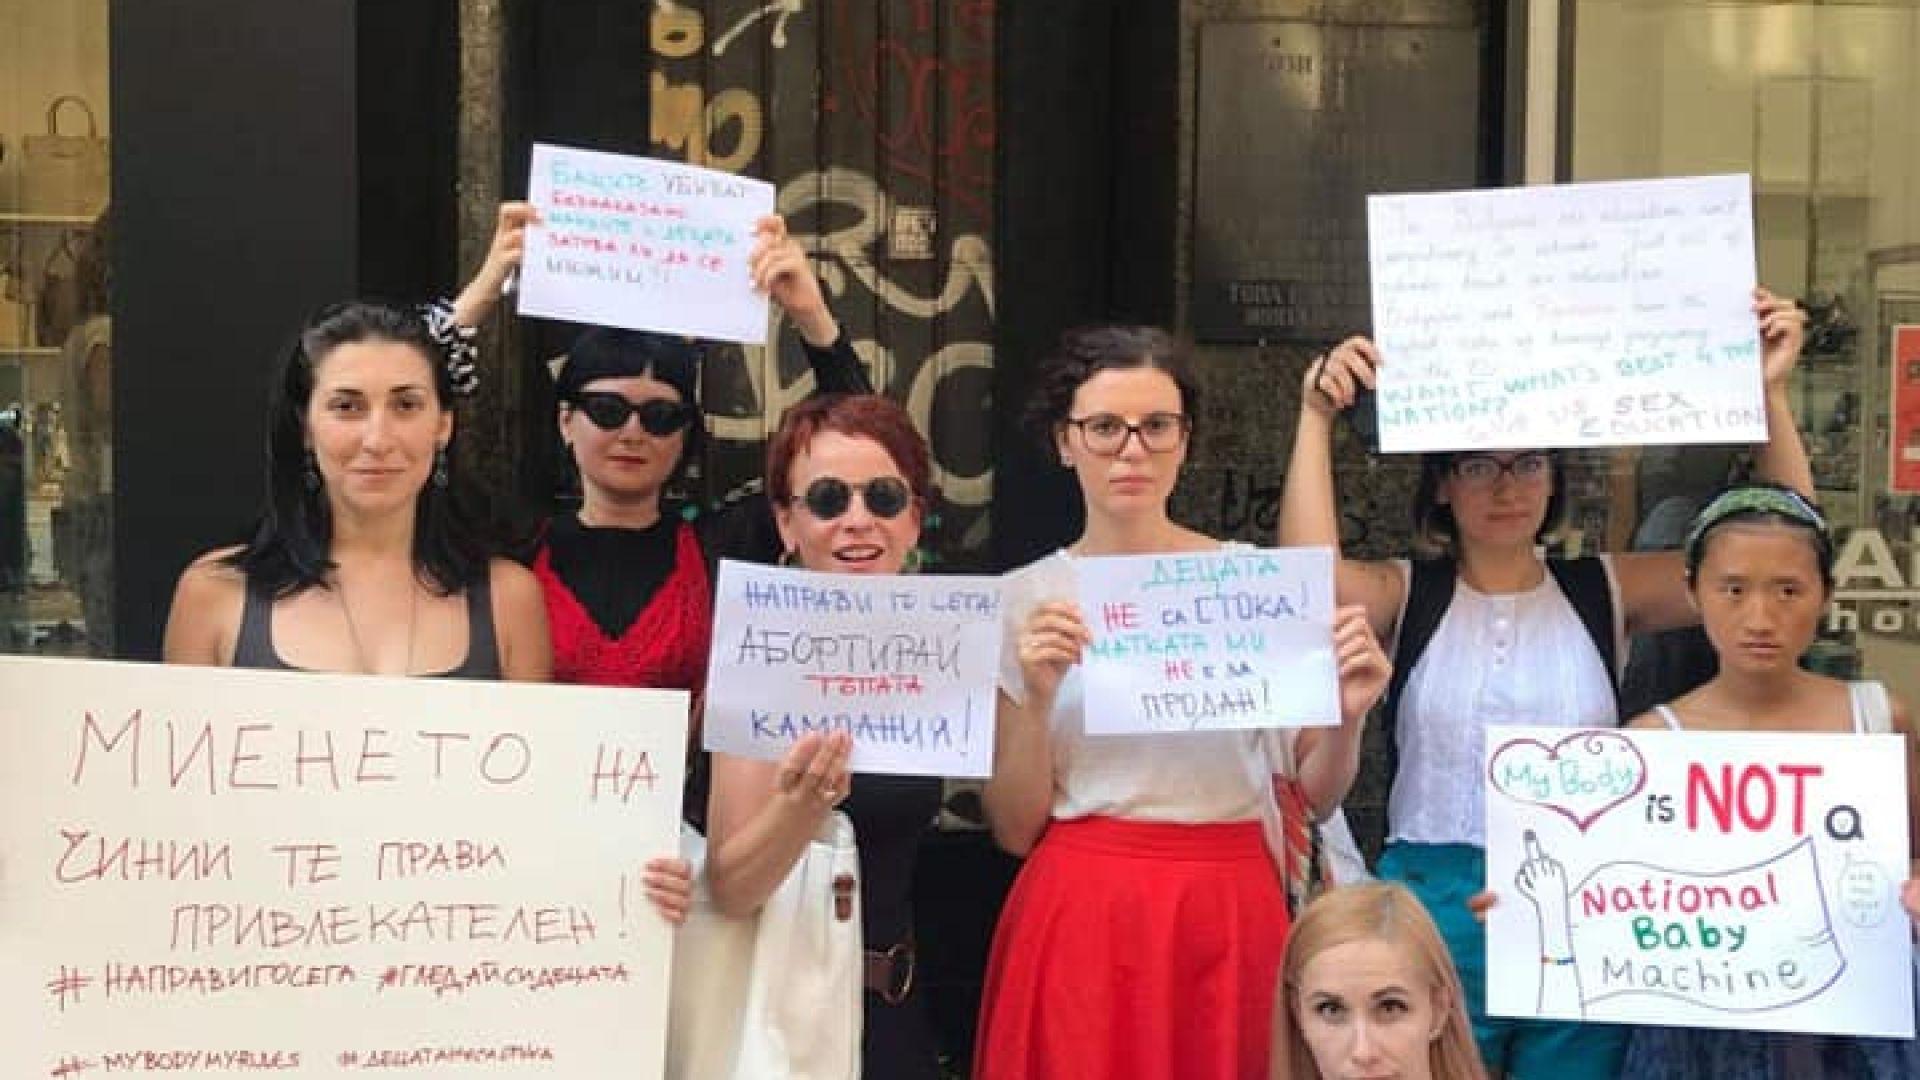 Протест пред офиса на ДНК. Искат преработване на кампанията